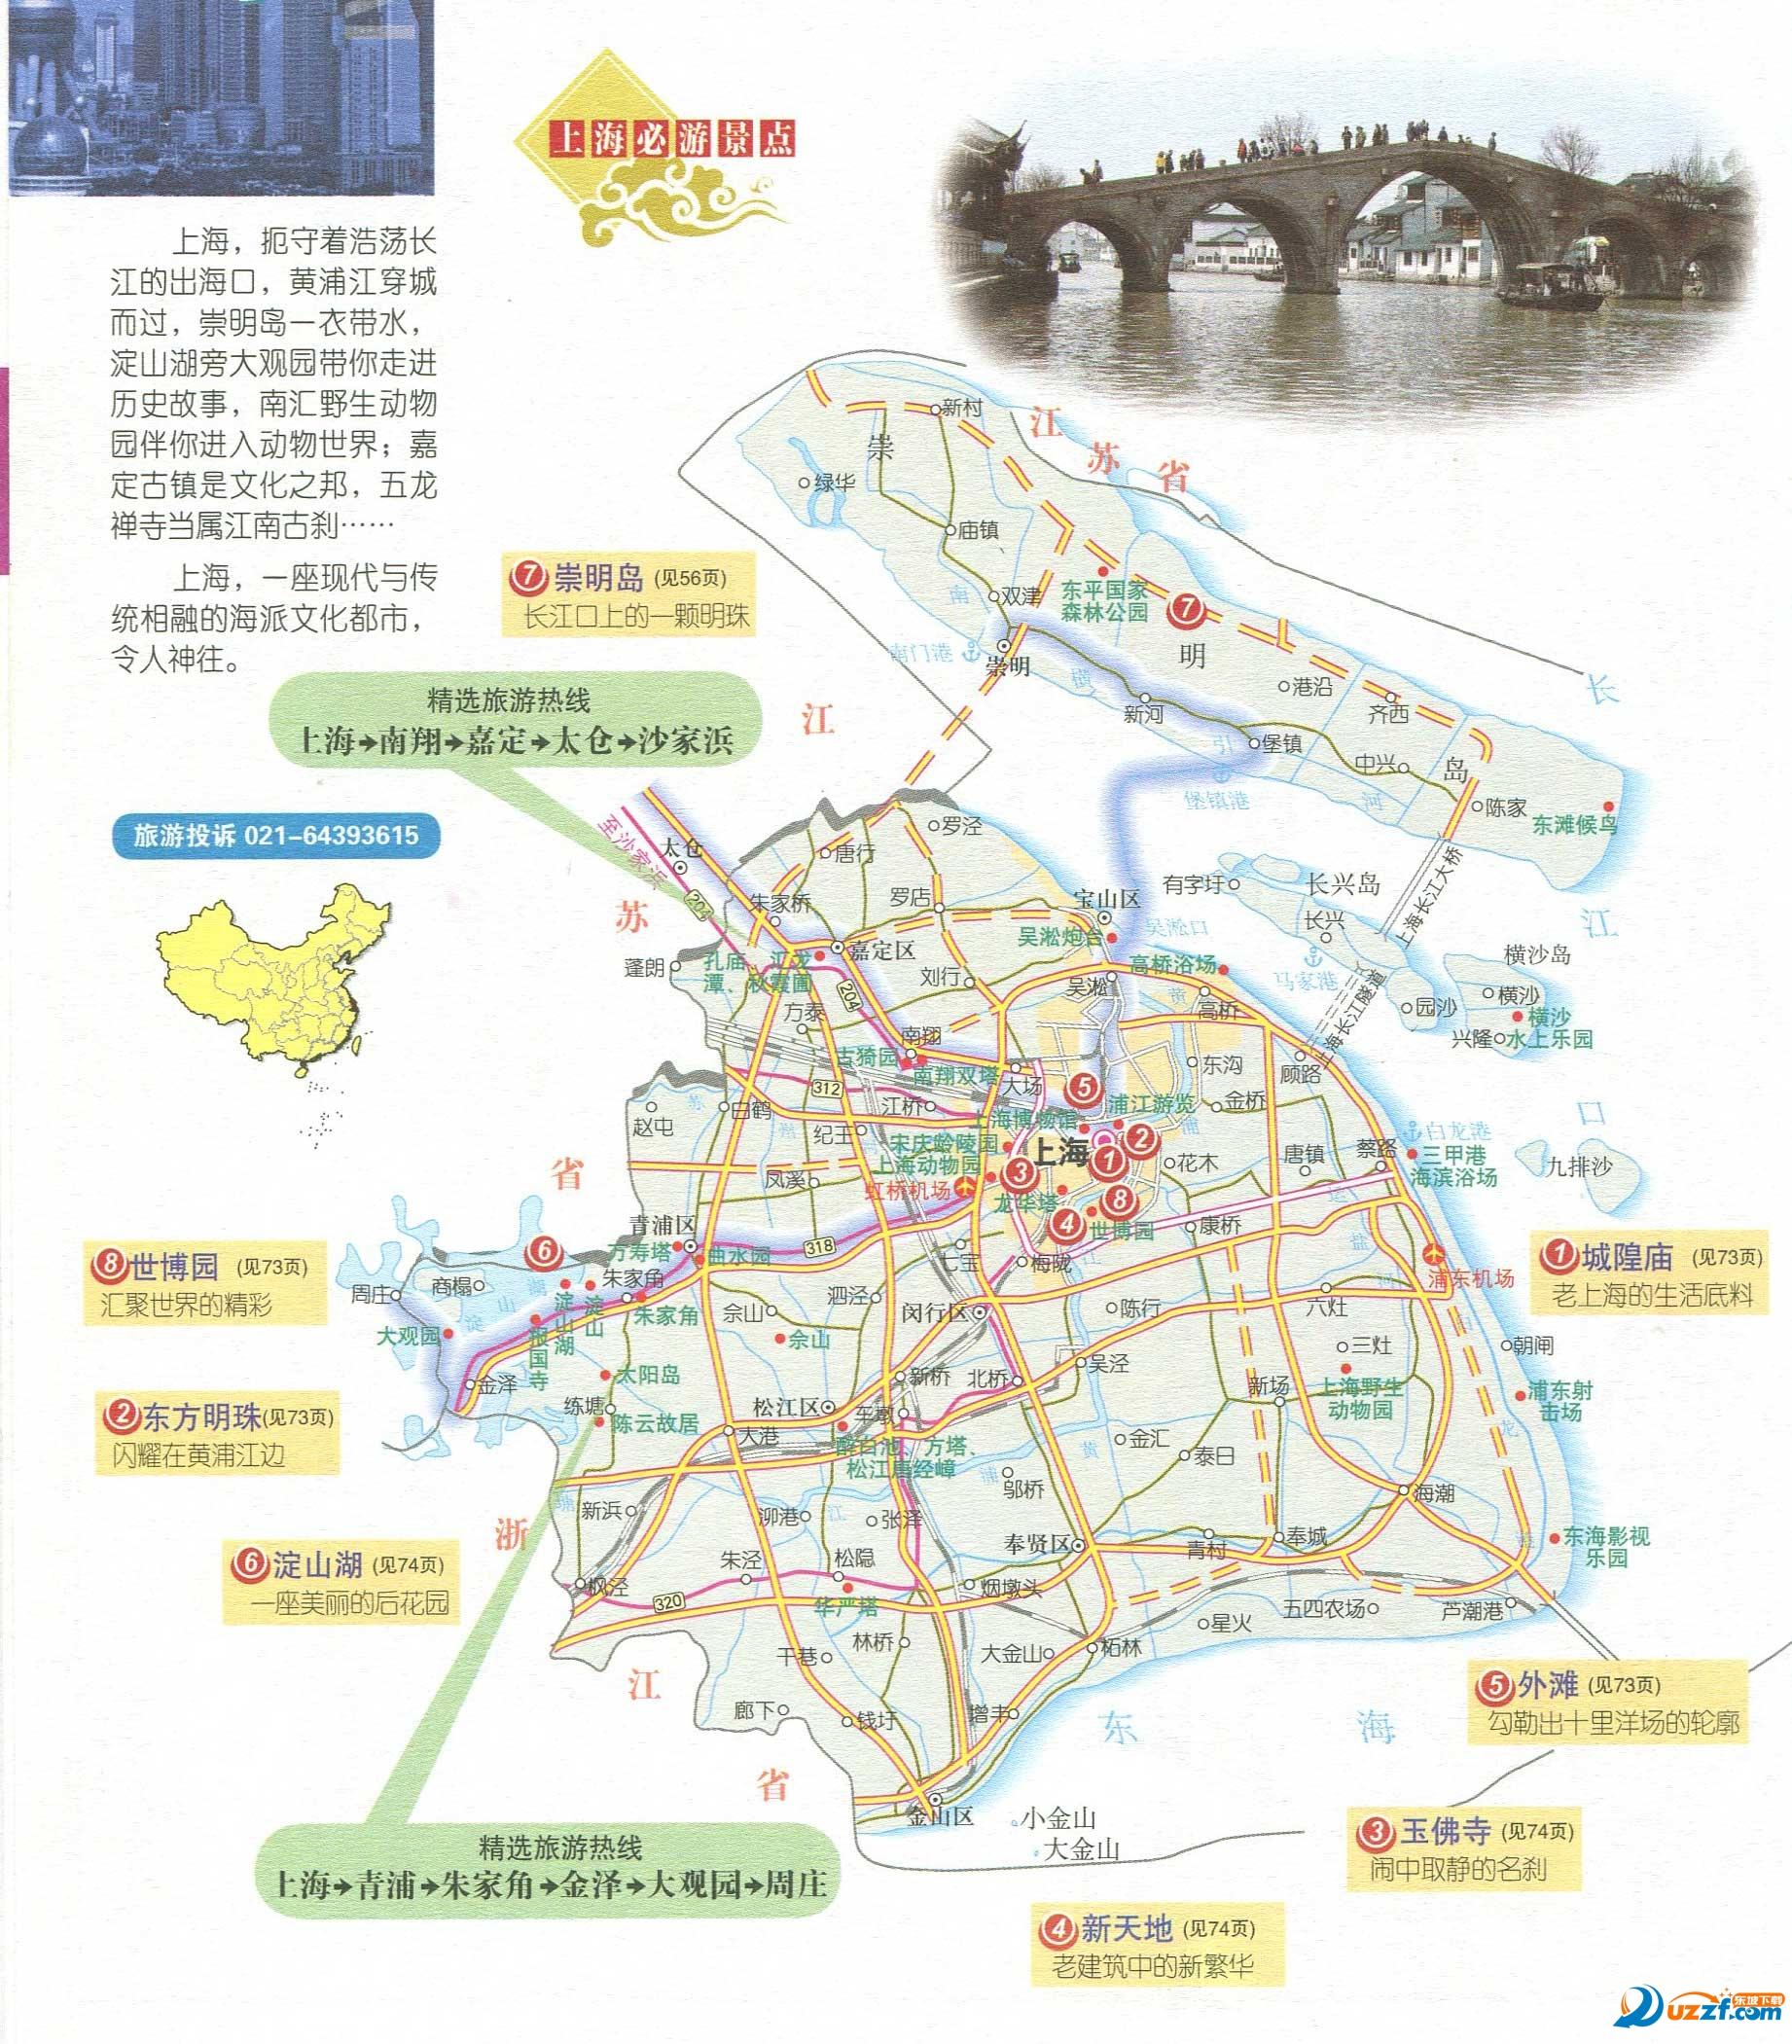 上海旅游地图高清版